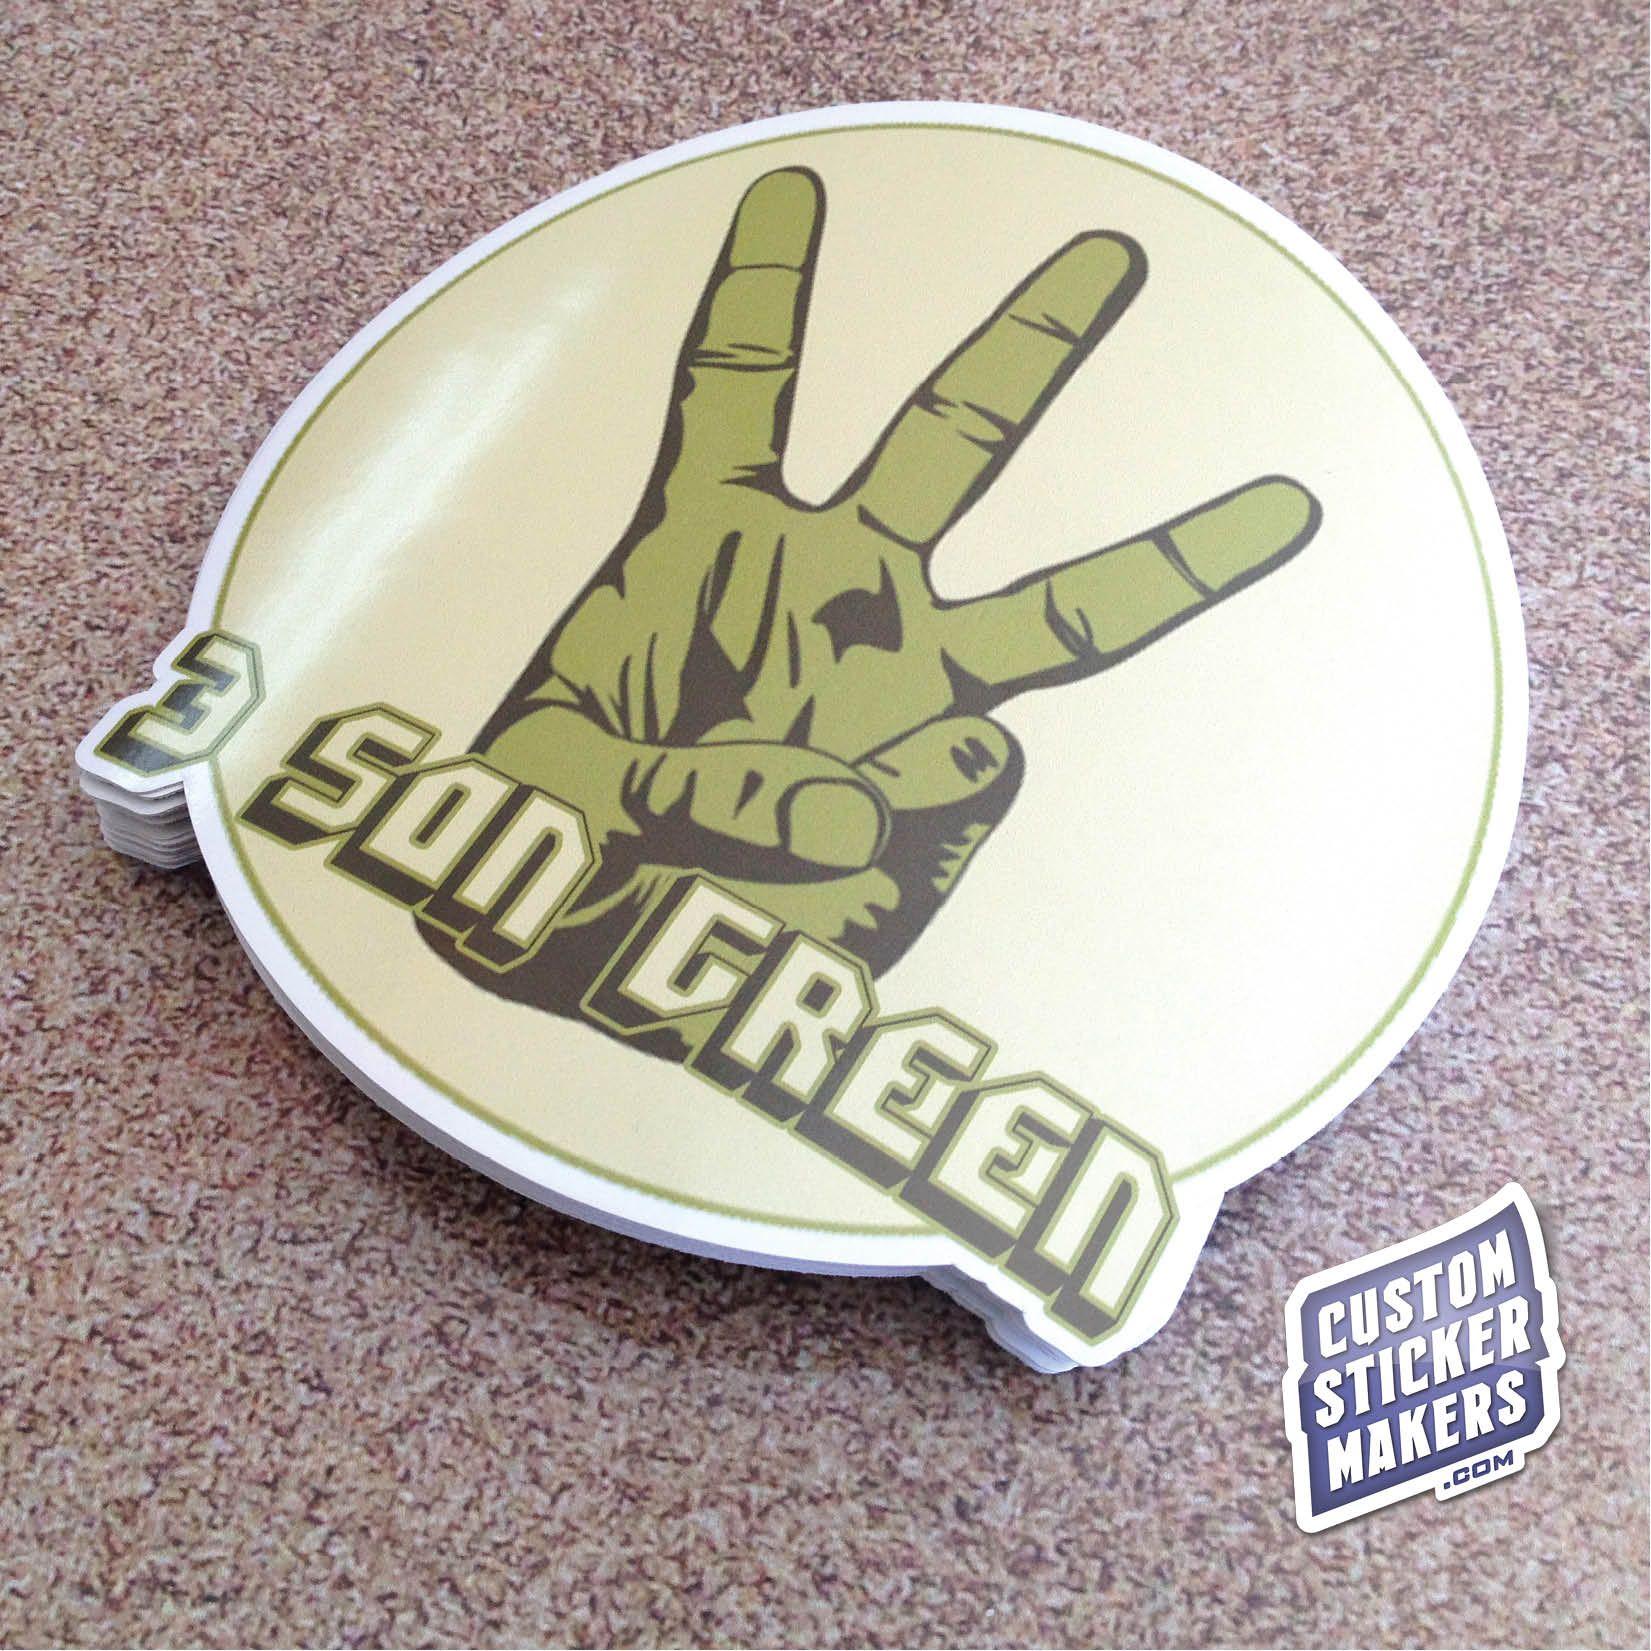 Pin by custom sticker makers on custom die cut stickers custom die